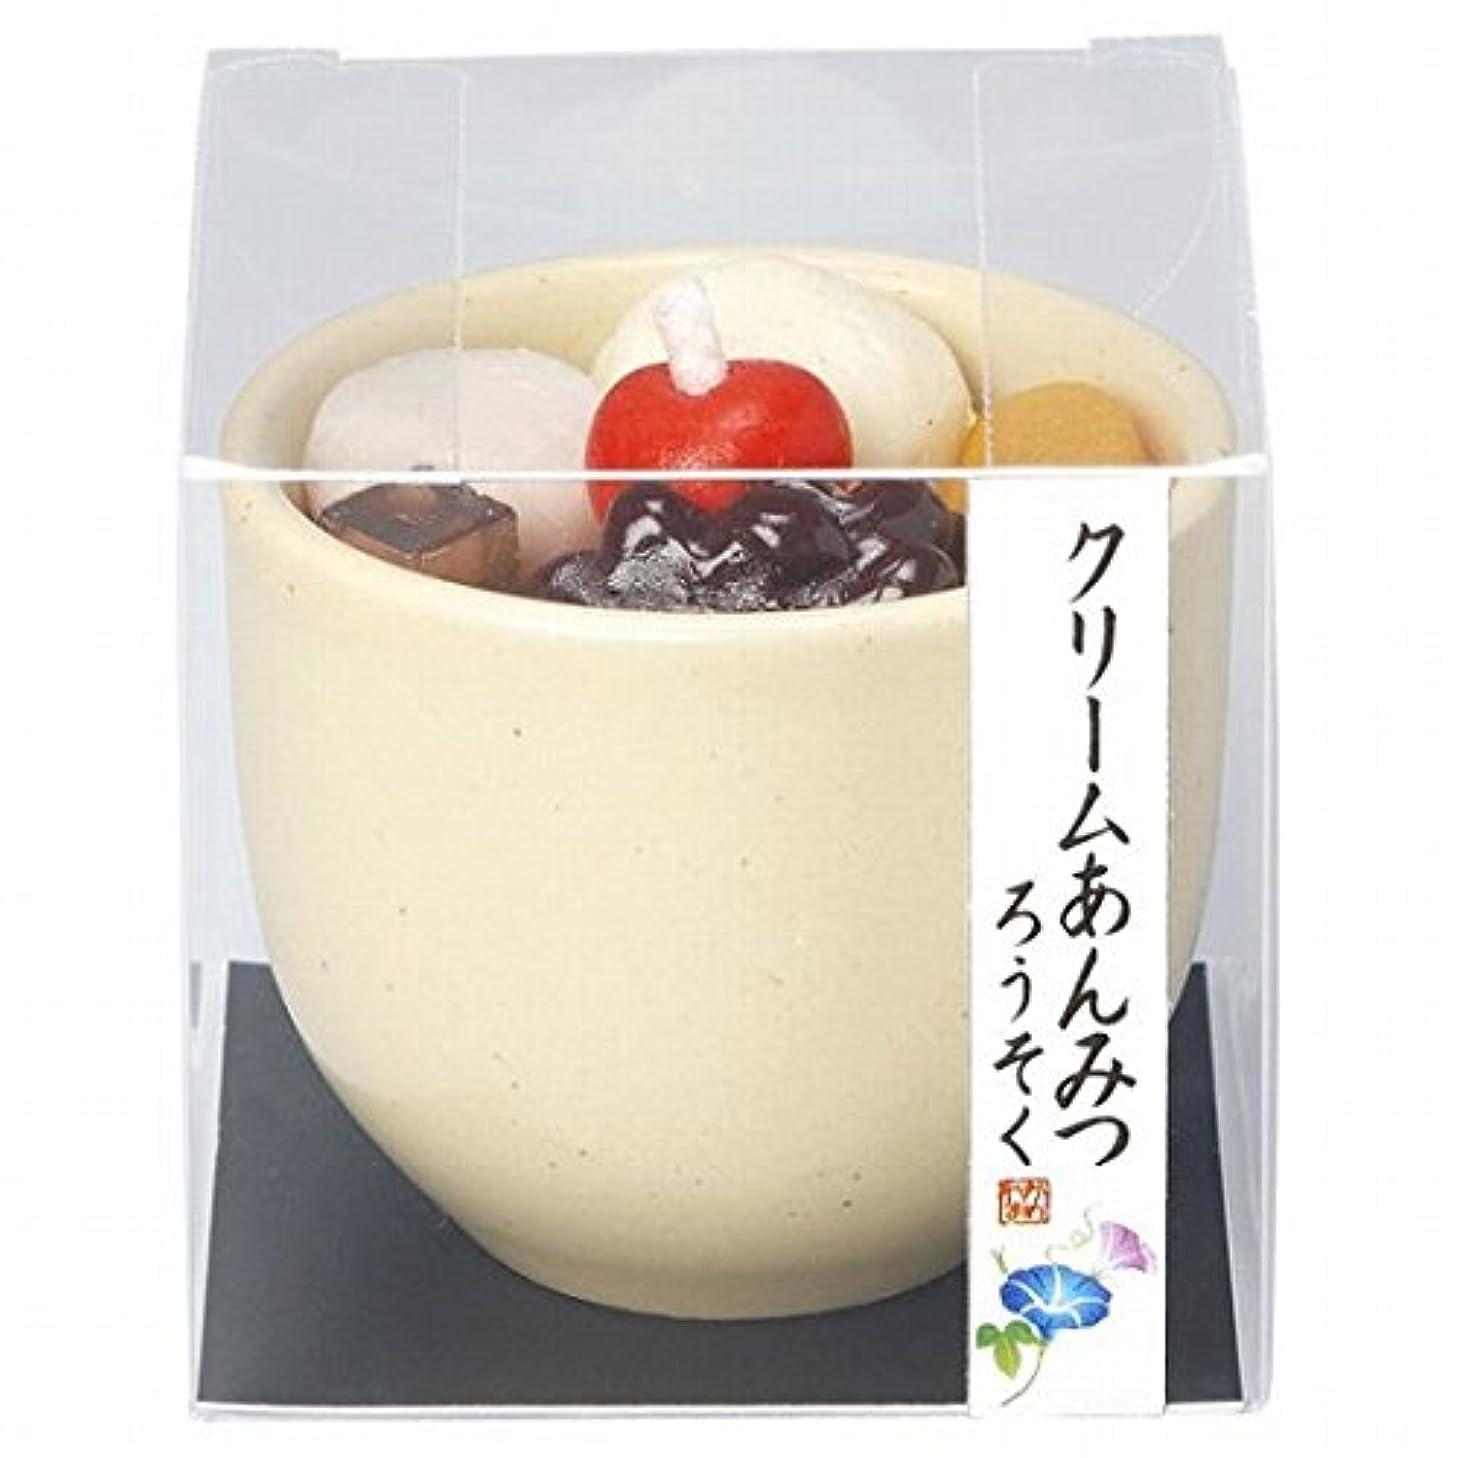 効能あるビジネスレーニン主義カメヤマキャンドル( kameyama candle ) クリームあんみつキャンドル